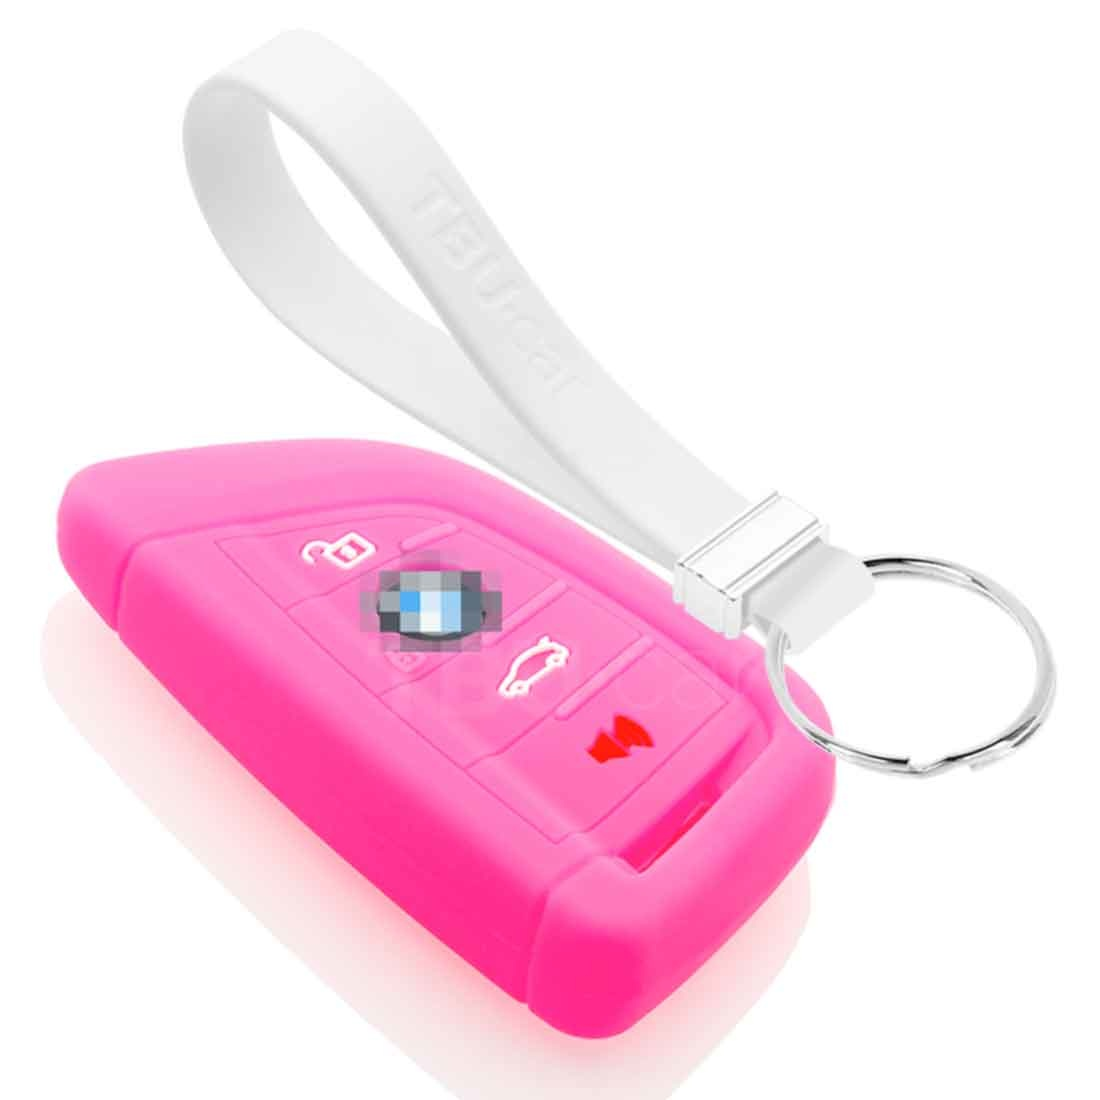 TBU car TBU car Sleutel cover compatibel met BMW - Silicone sleutelhoesje - beschermhoesje autosleutel - Fluor Roze